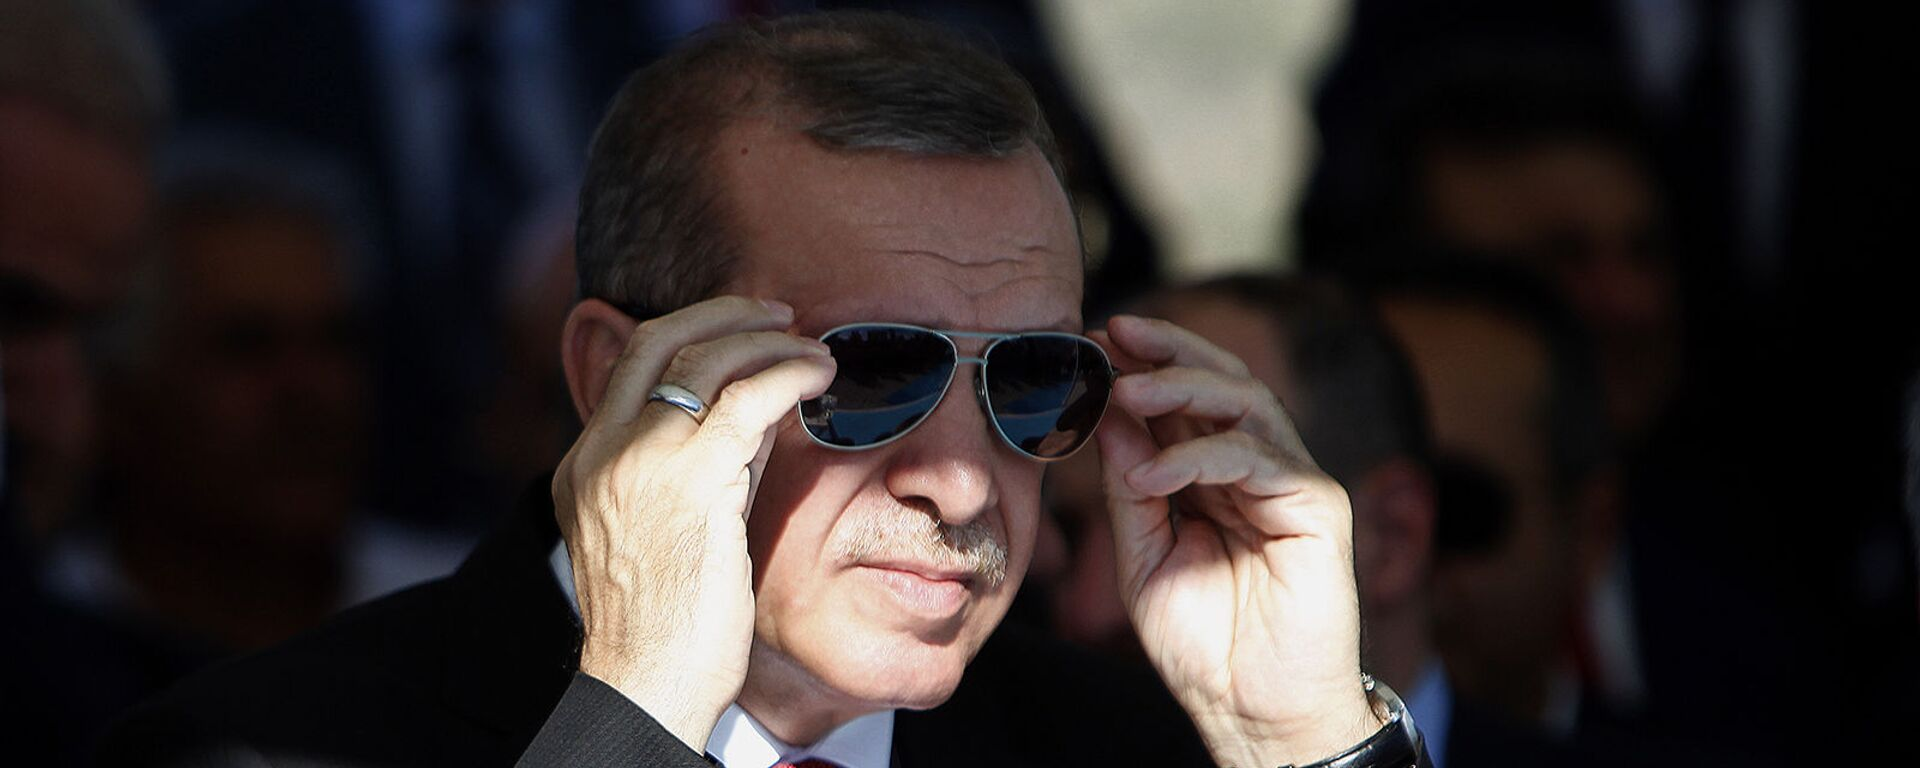 Президент Турции Реджеп Тайип Эрдоган поправляет солнцезащитные очки - Sputnik Армения, 1920, 13.07.2021